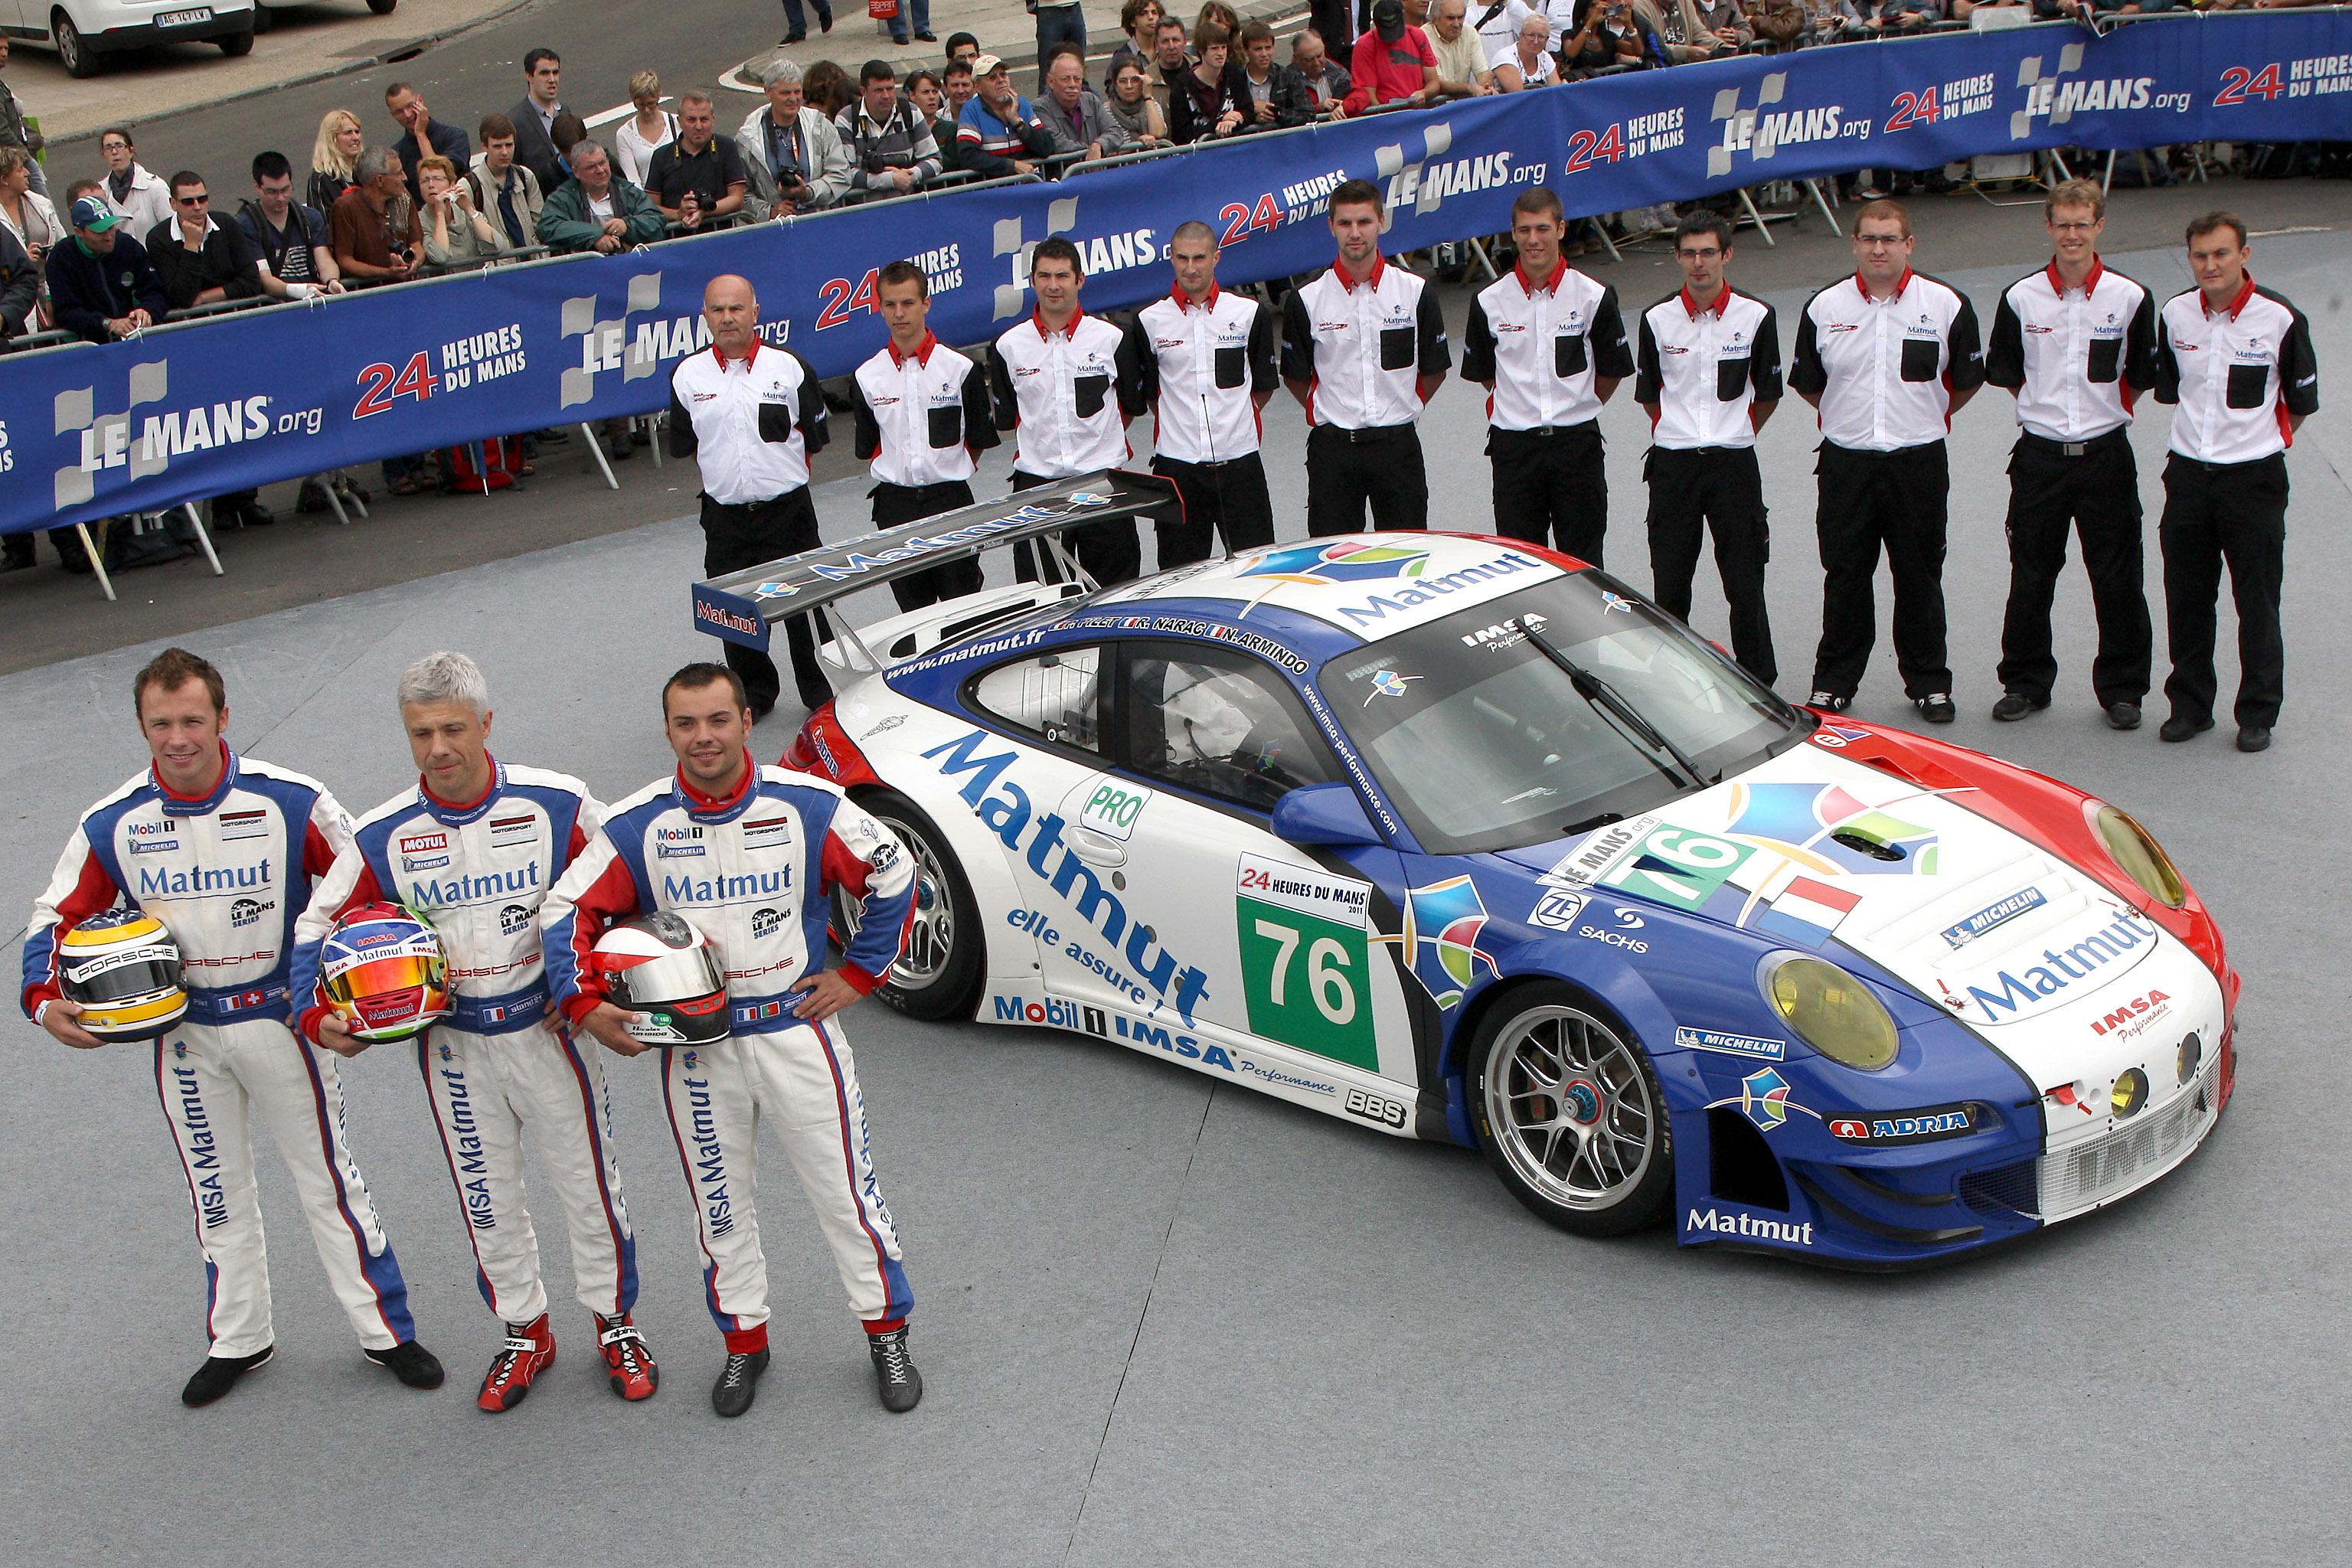 Porsche News Qualifying At Le Mans 24 Hours Porsche